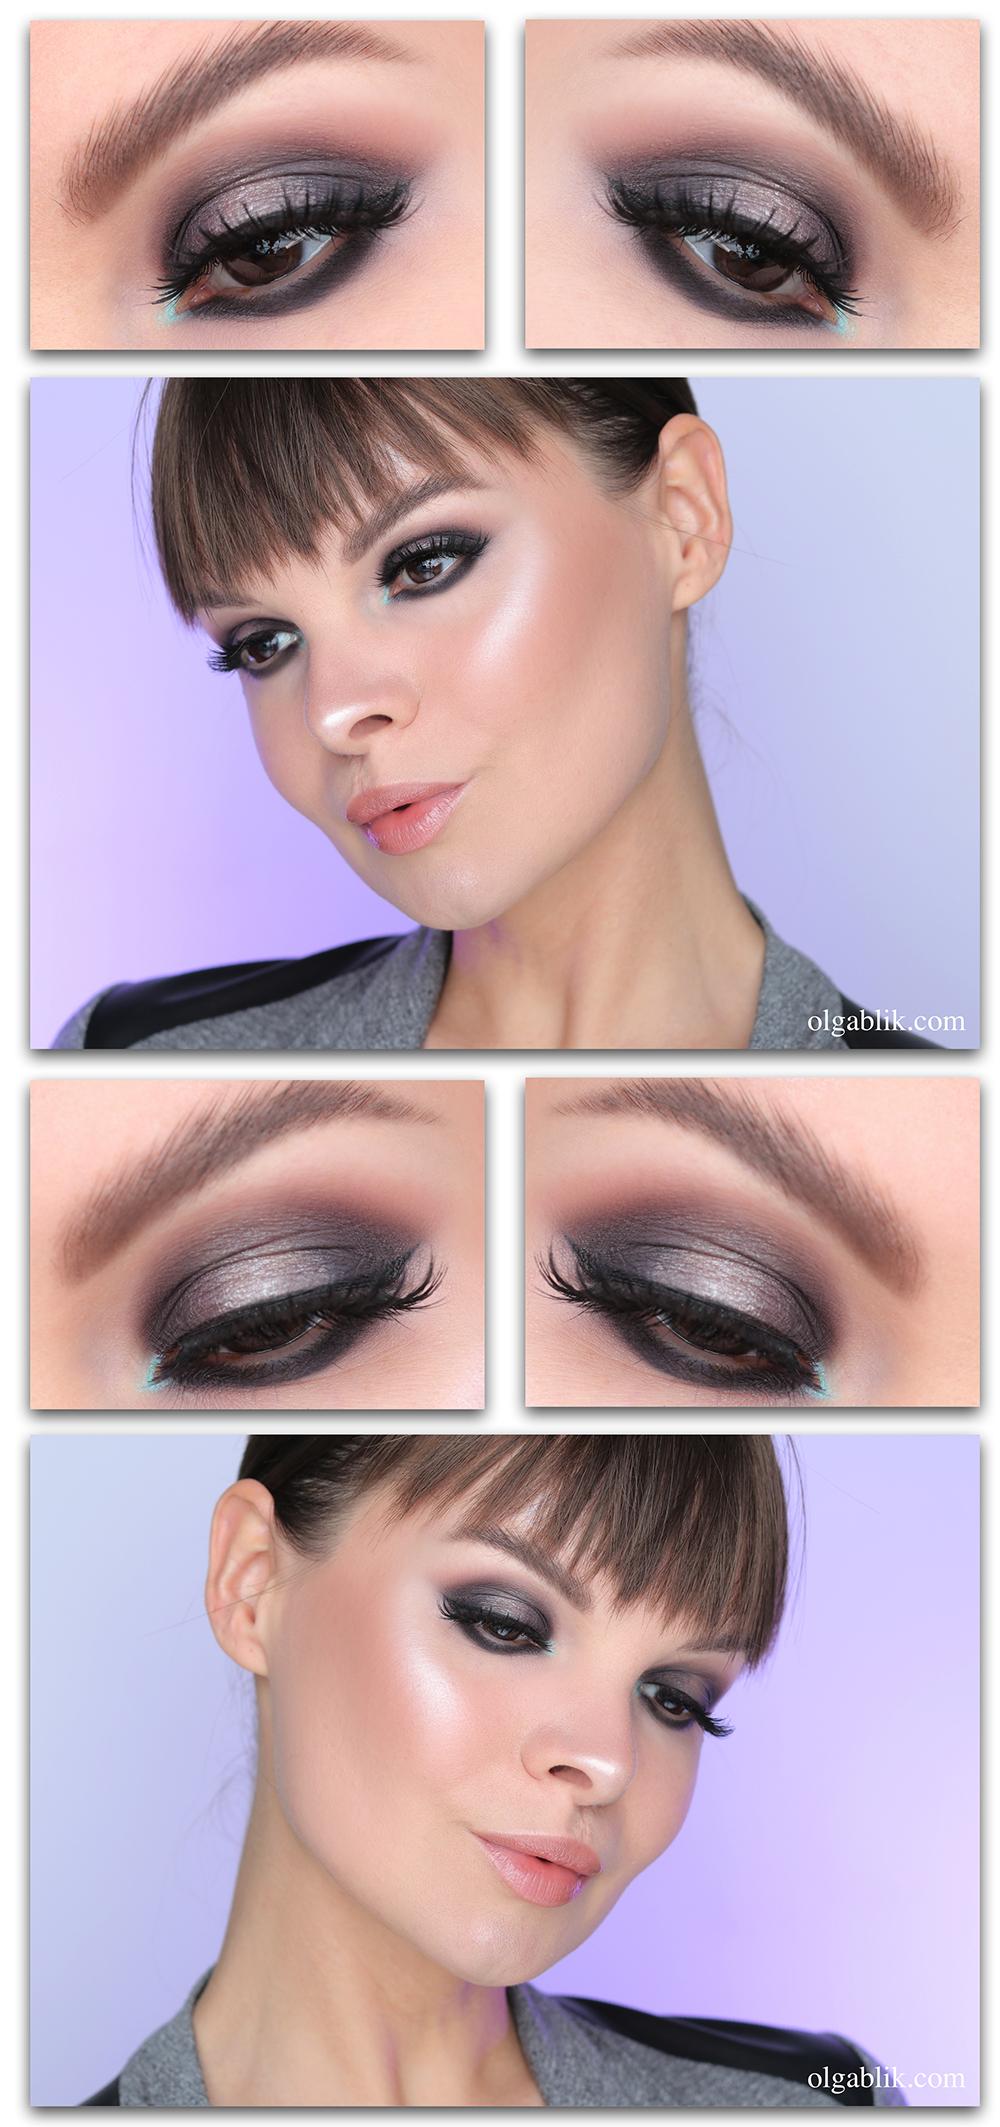 Как сделать макияж Смоки айс, Глаза смоки айс, смоки айс фото